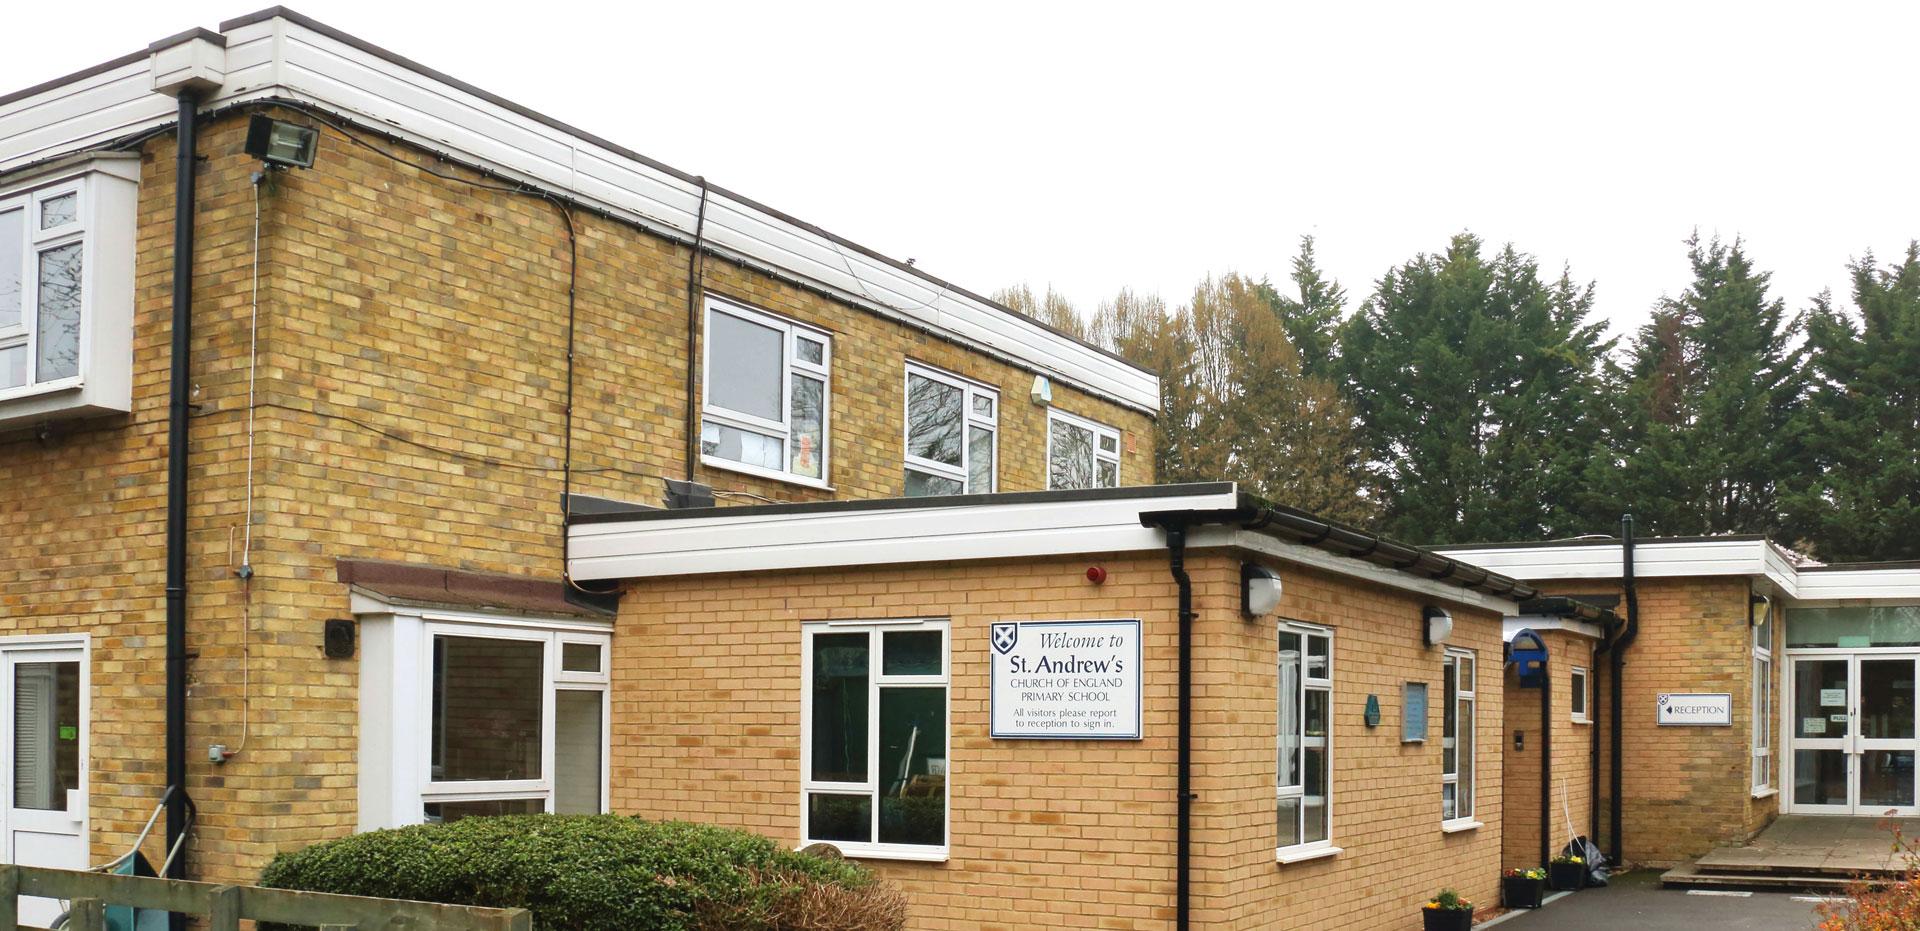 St Andrews Primary School, Uxbridge Image 1